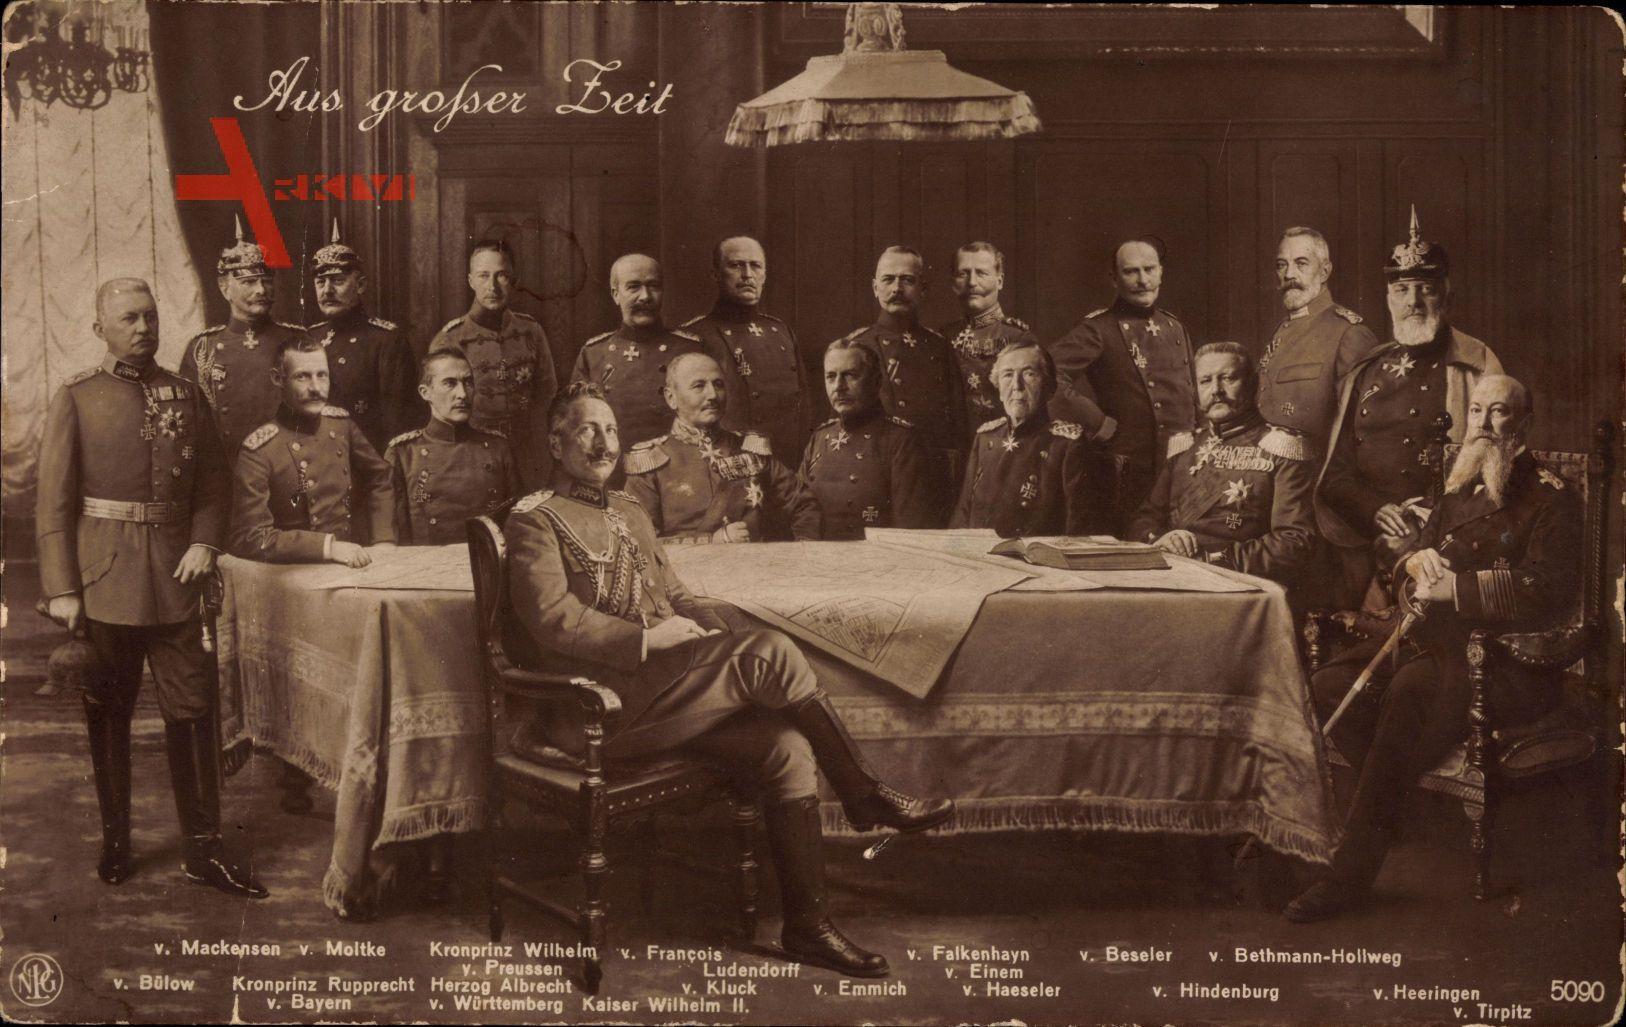 Kaiser Wilhelm II., Generäle, Aus großer Zeit, NPG 5090